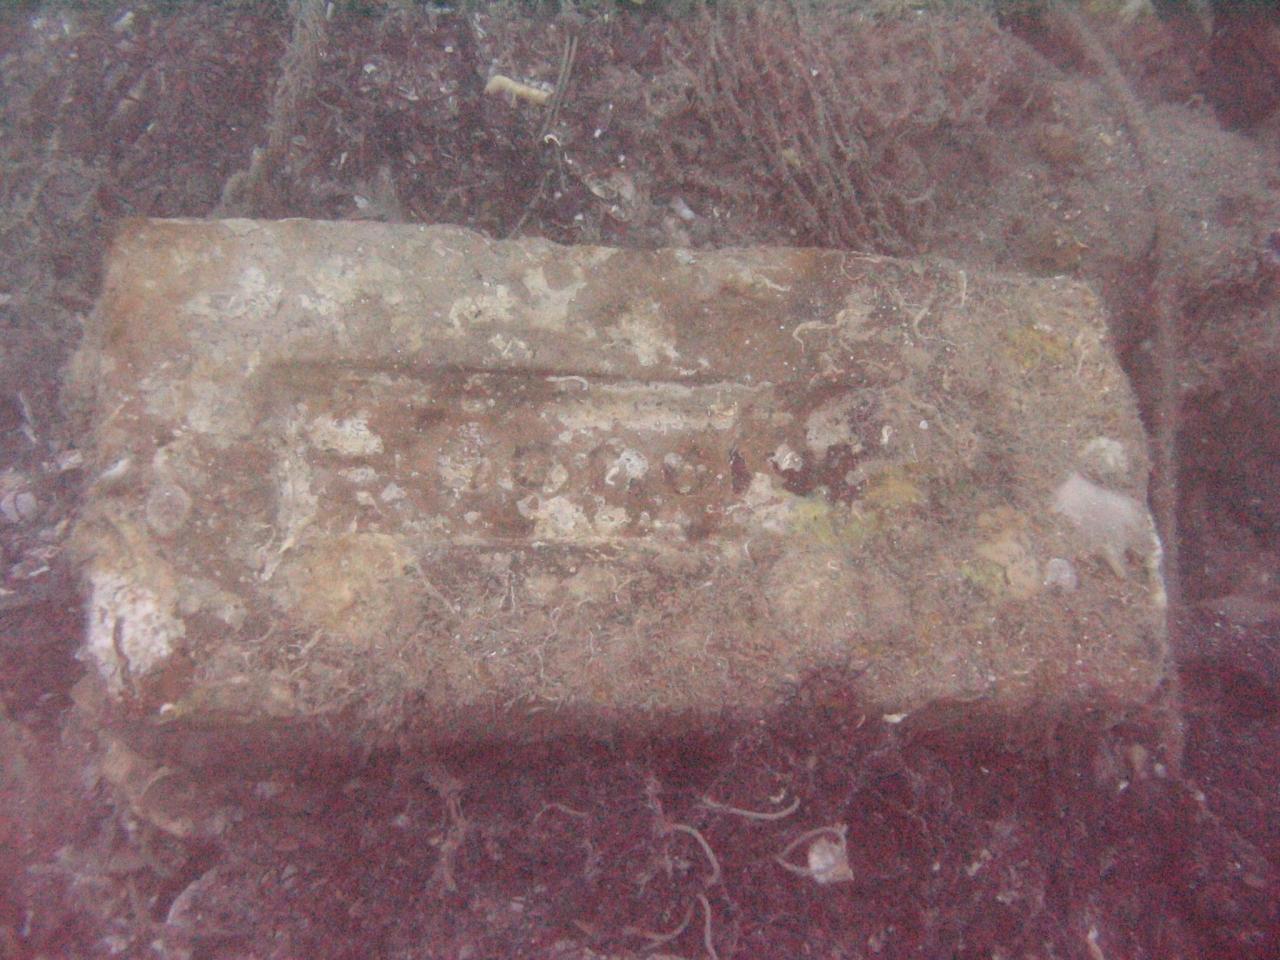 ภาพก้อนอิฐที่อยู่บนเรือร้อยปี จากกองโบราณคดีใต้น้ำ กรมศิลปากร กระทรวงวัฒนธรรม